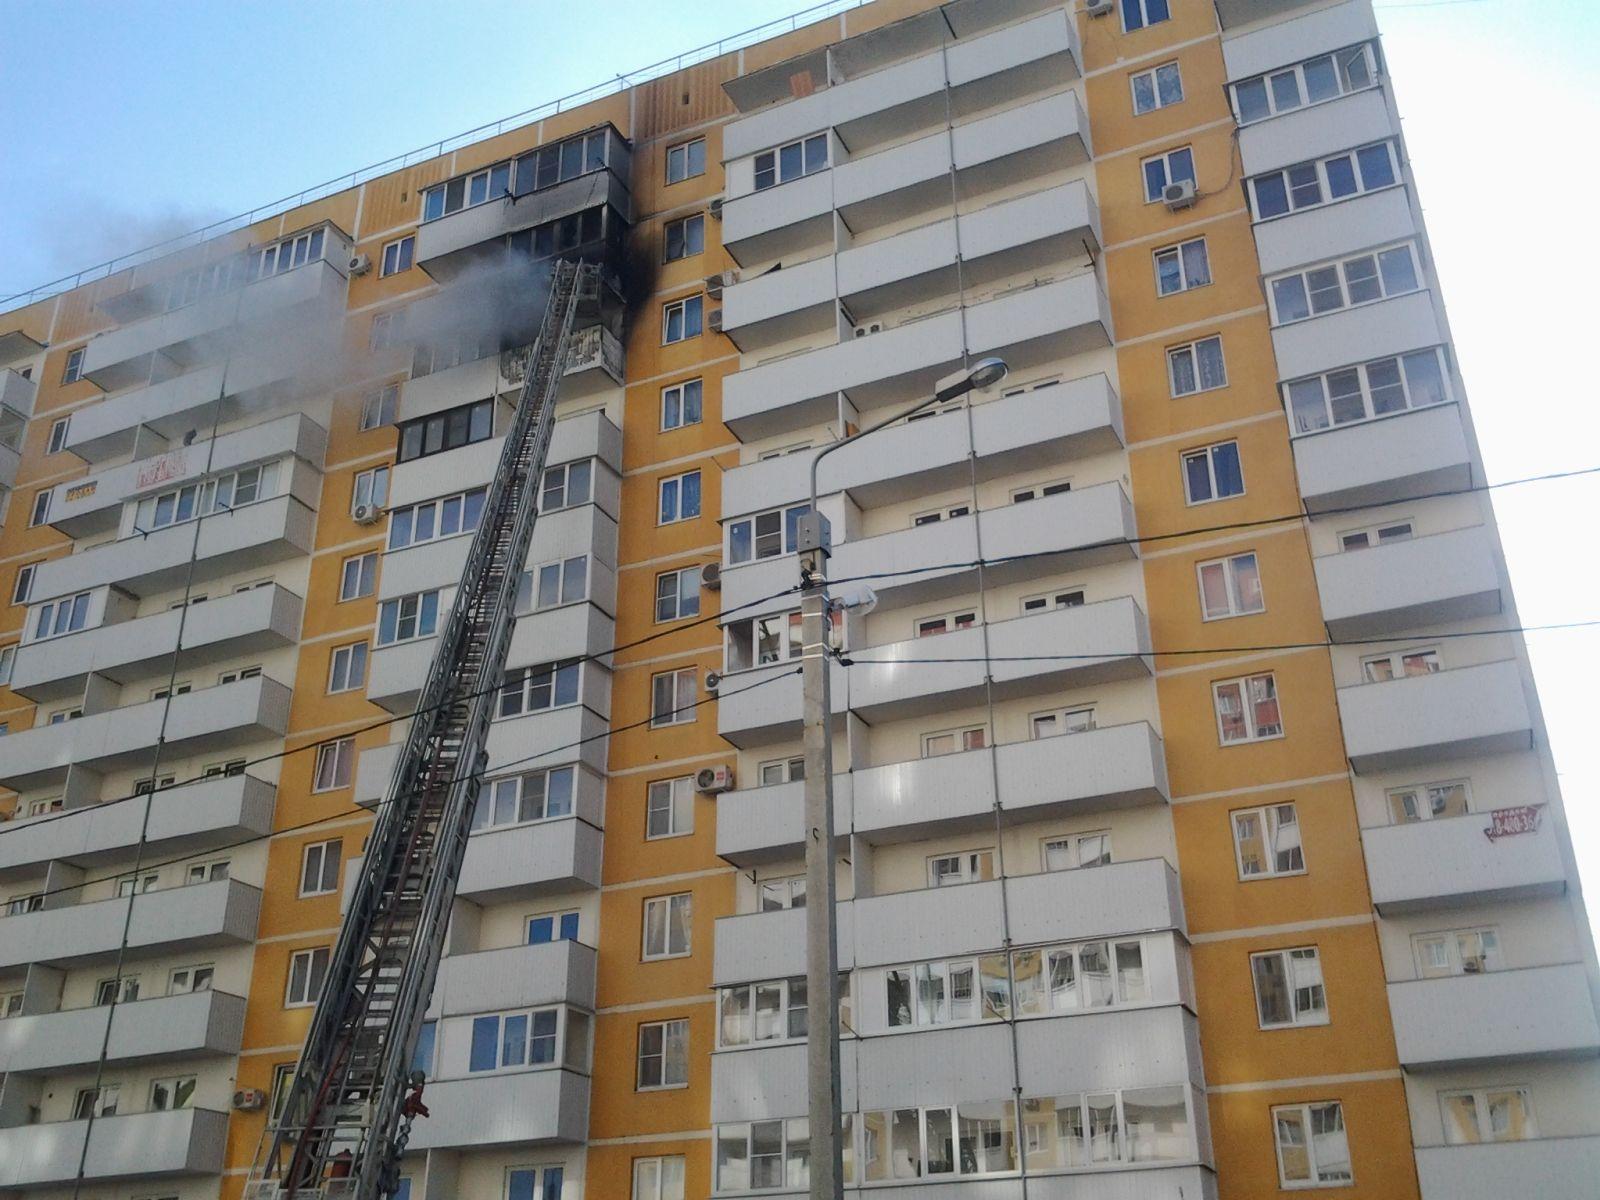 Пожарные локализовали возгорание в 12-этажном доме в краснод.